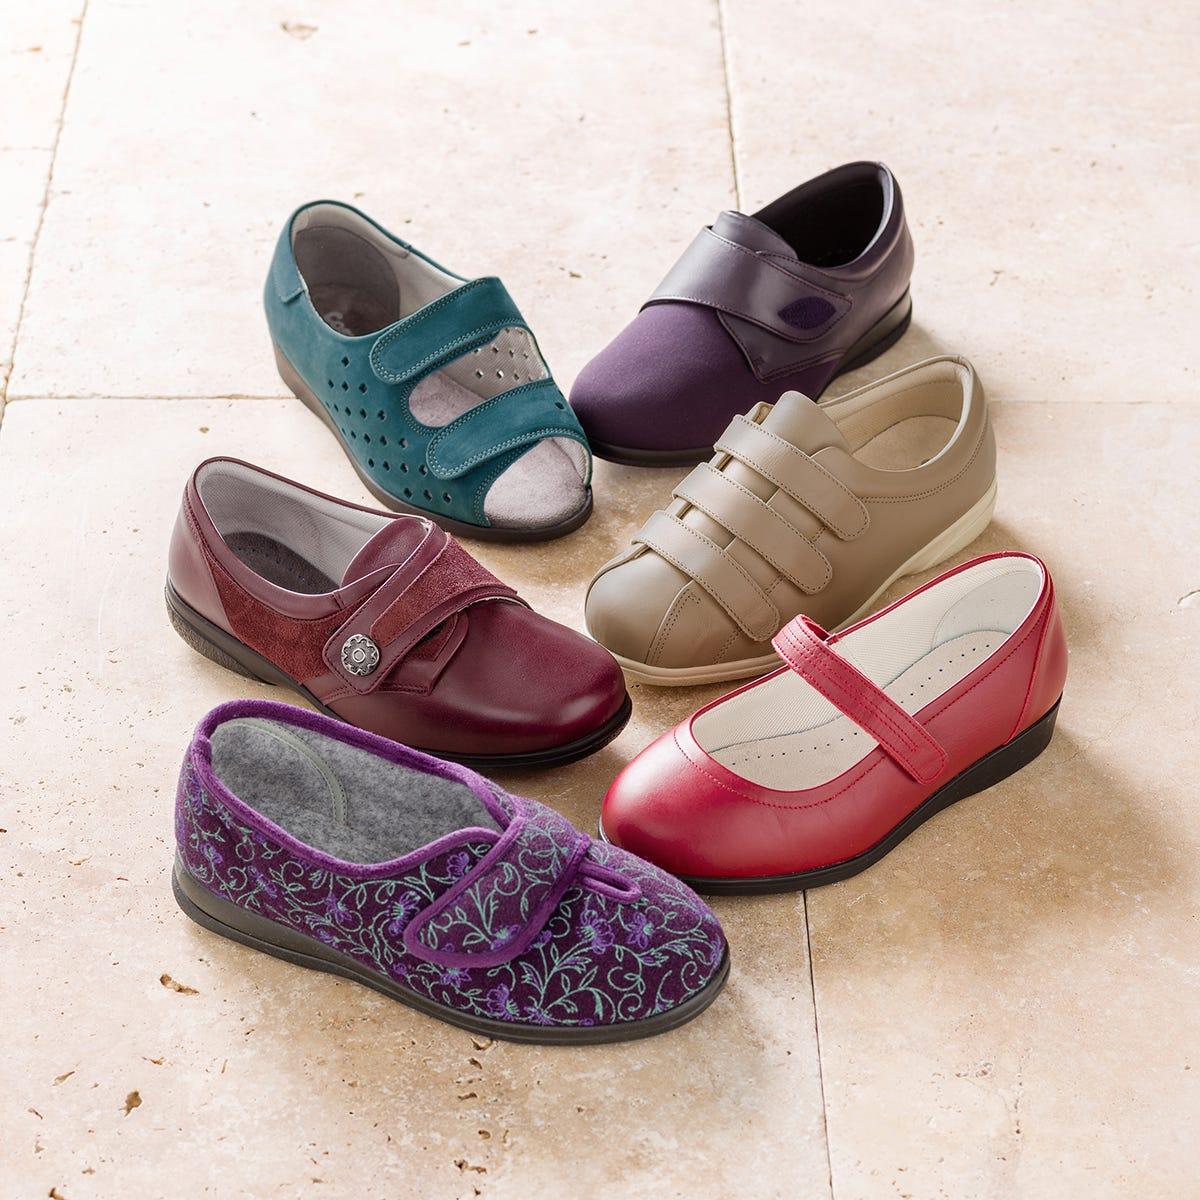 Extra Roomy Footwear